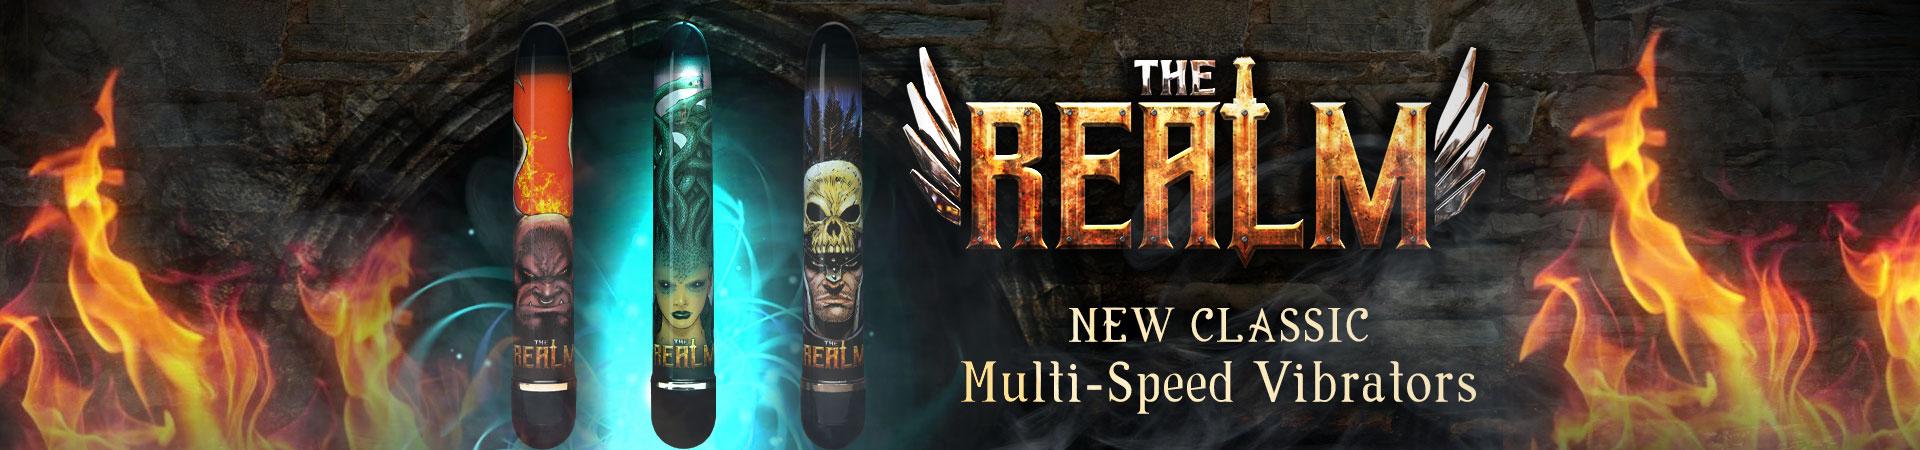 New! The Realm Classic Multi-Speed Vibrators